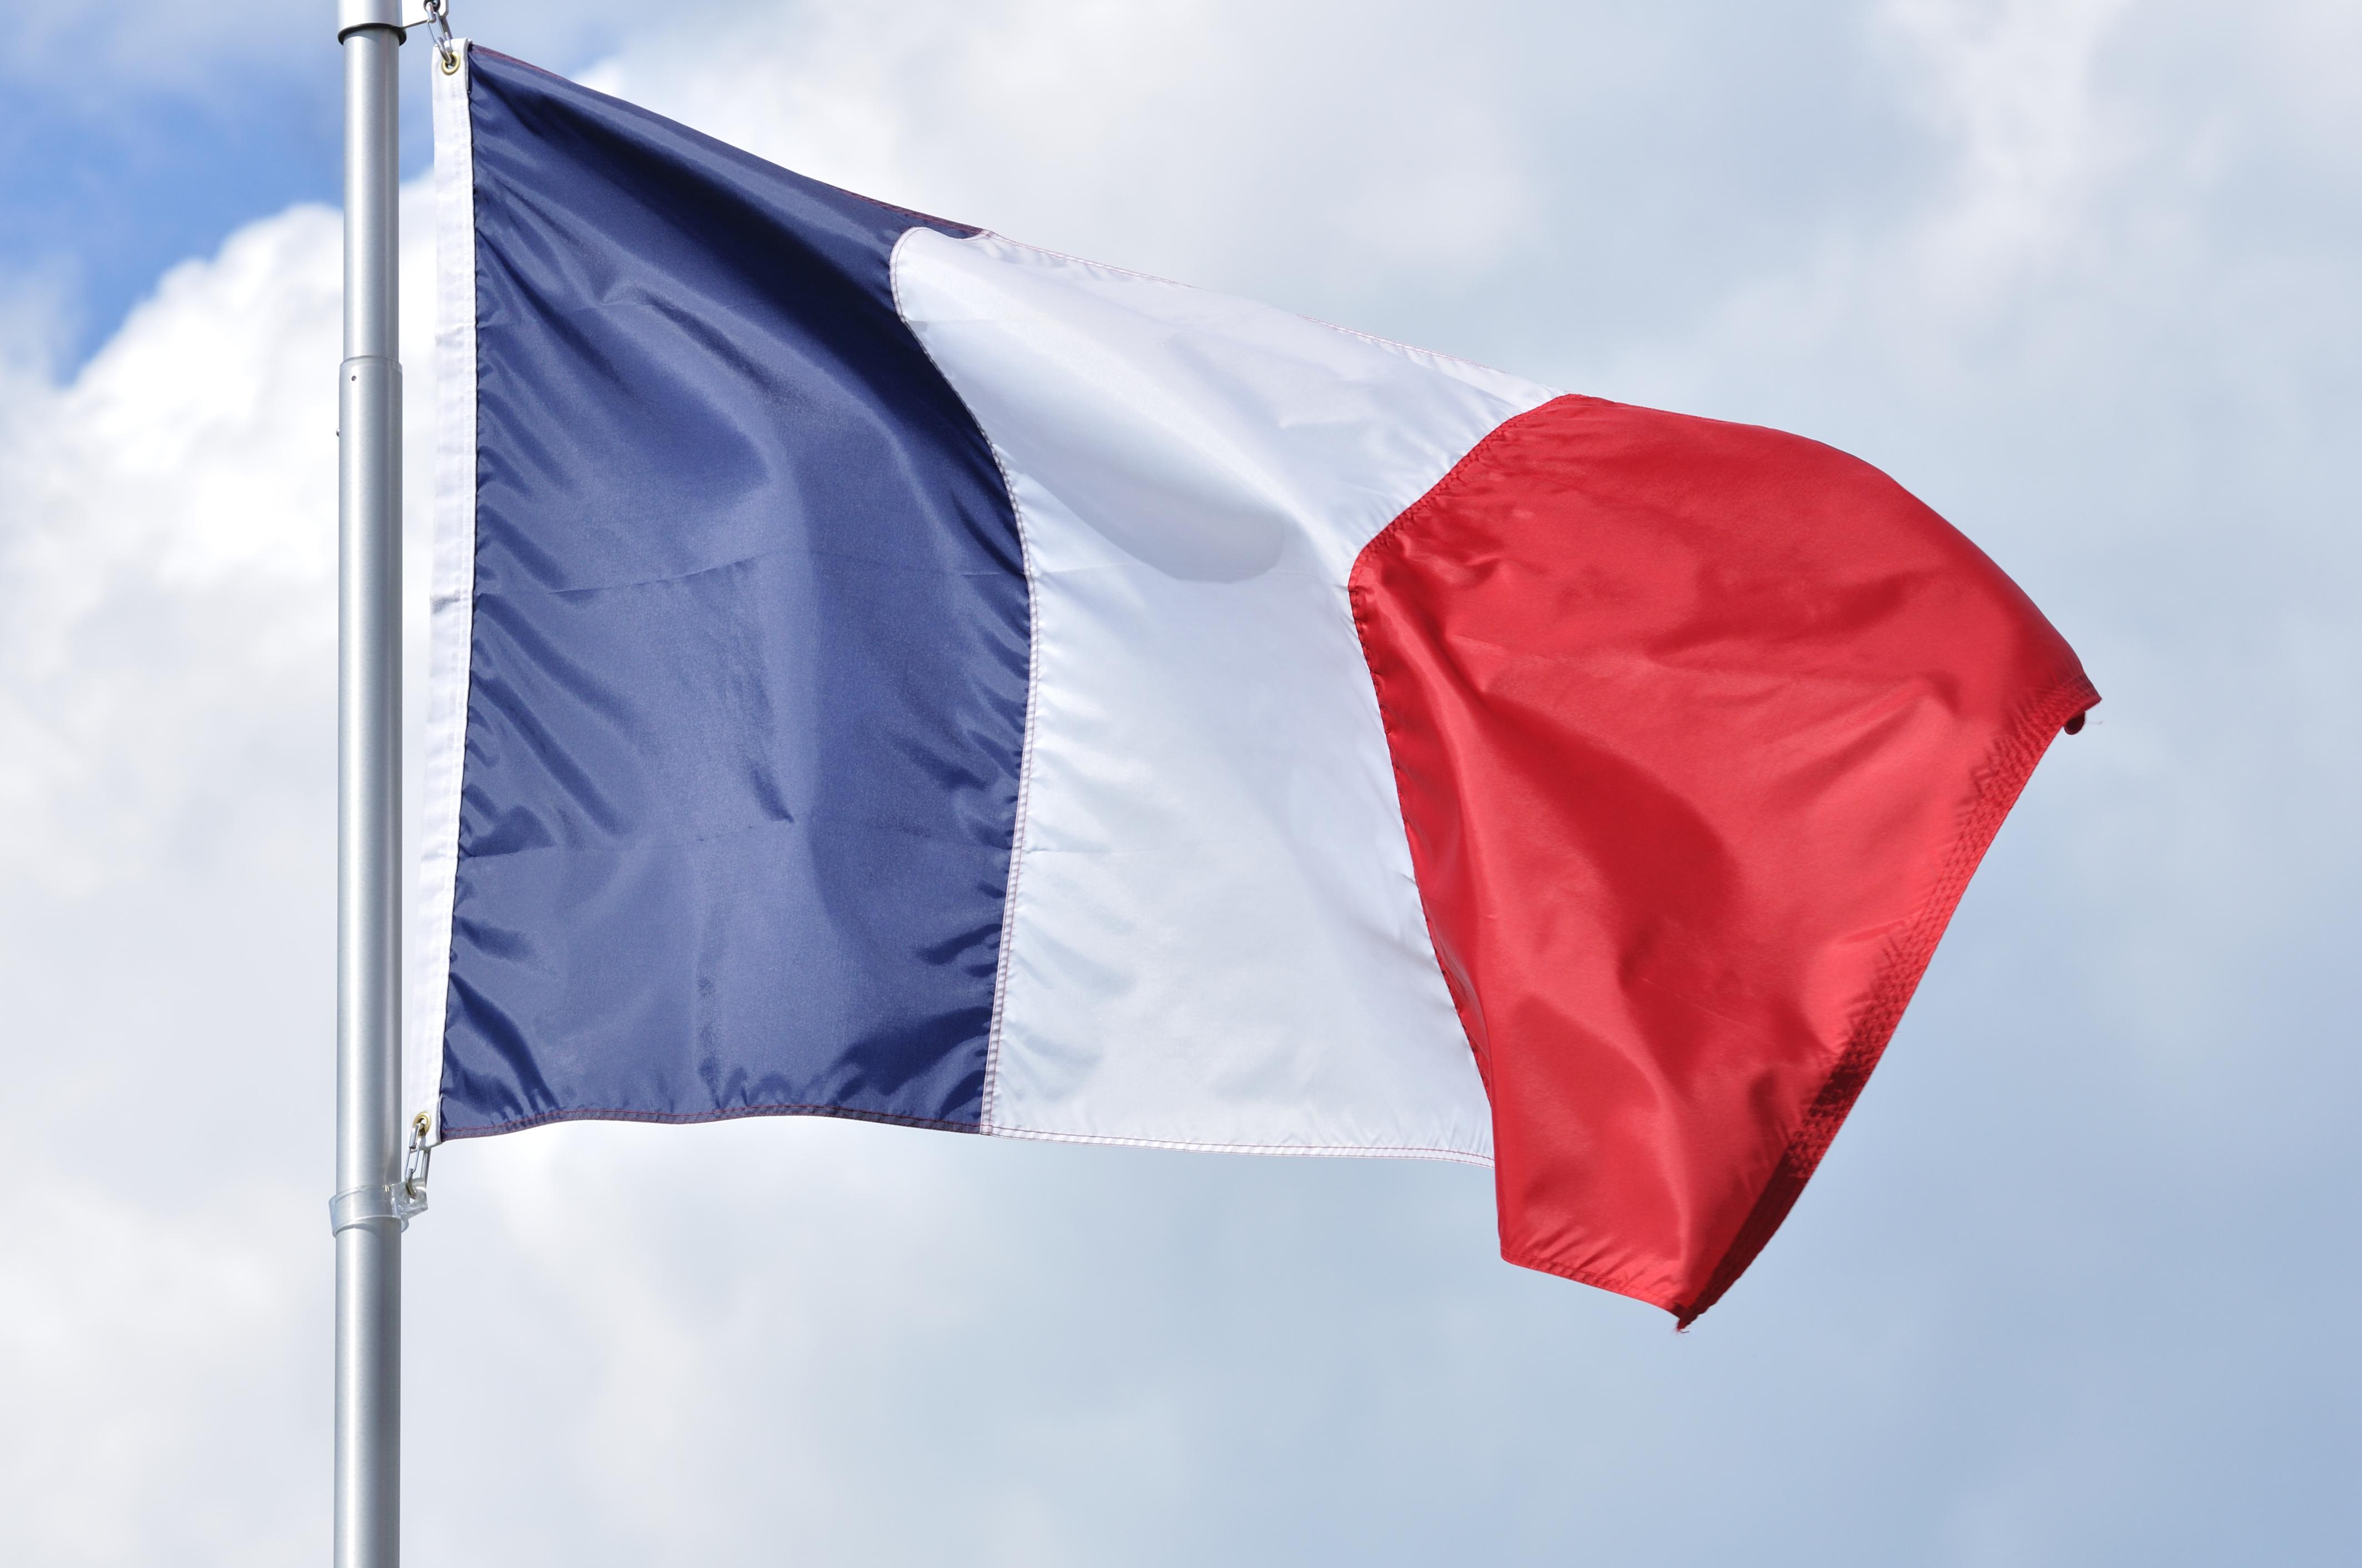 Глава МВД Франции сообщил о планах встретиться с российским коллегой